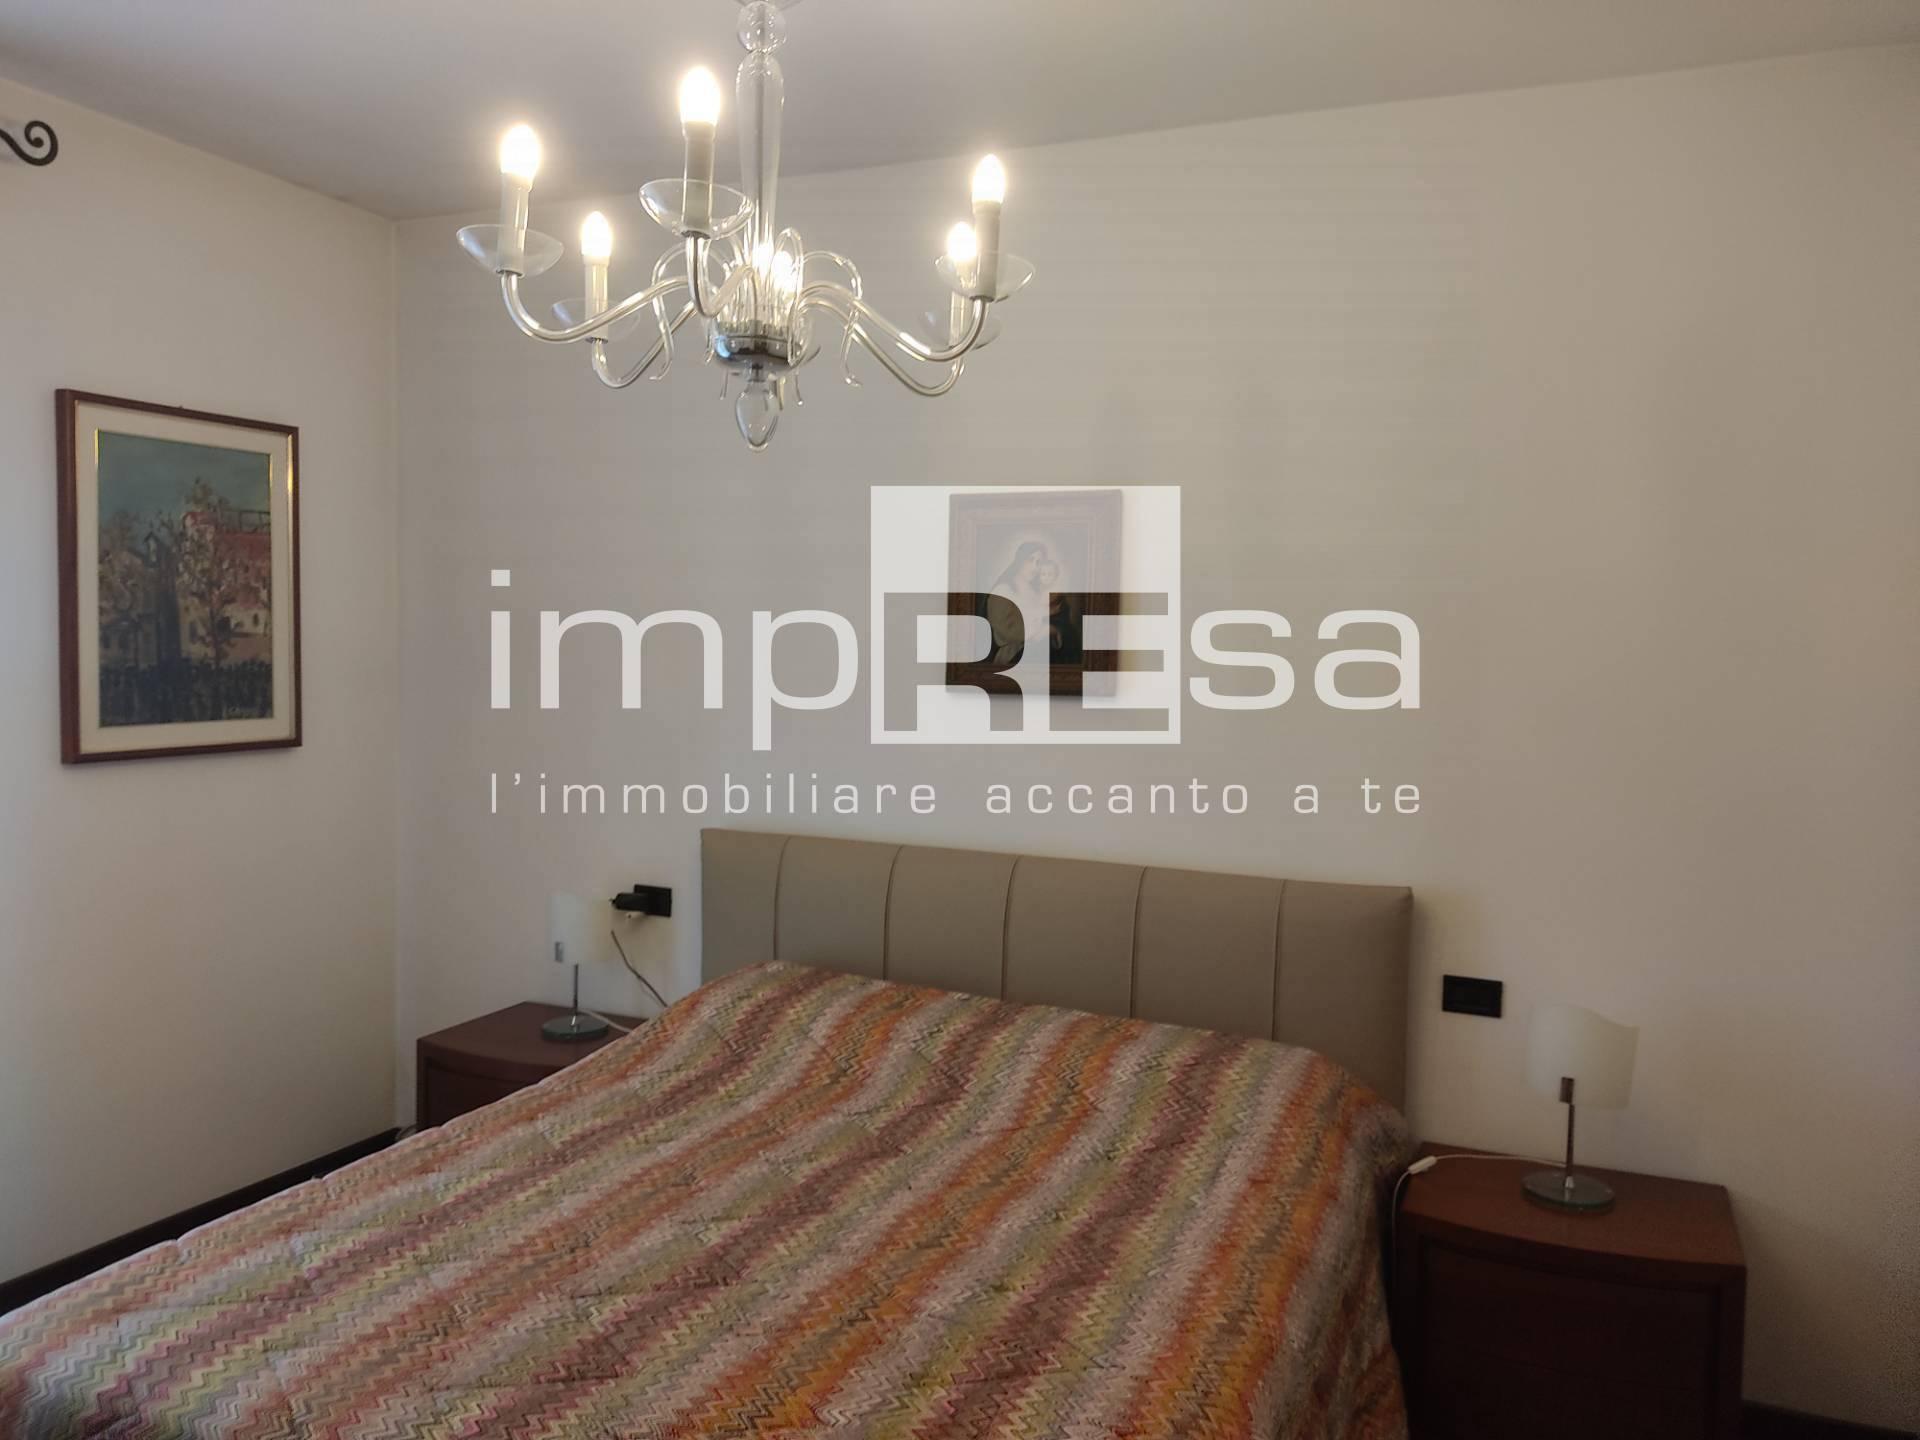 Appartamento in vendita a Preganziol, 2 locali, prezzo € 99.000 | CambioCasa.it